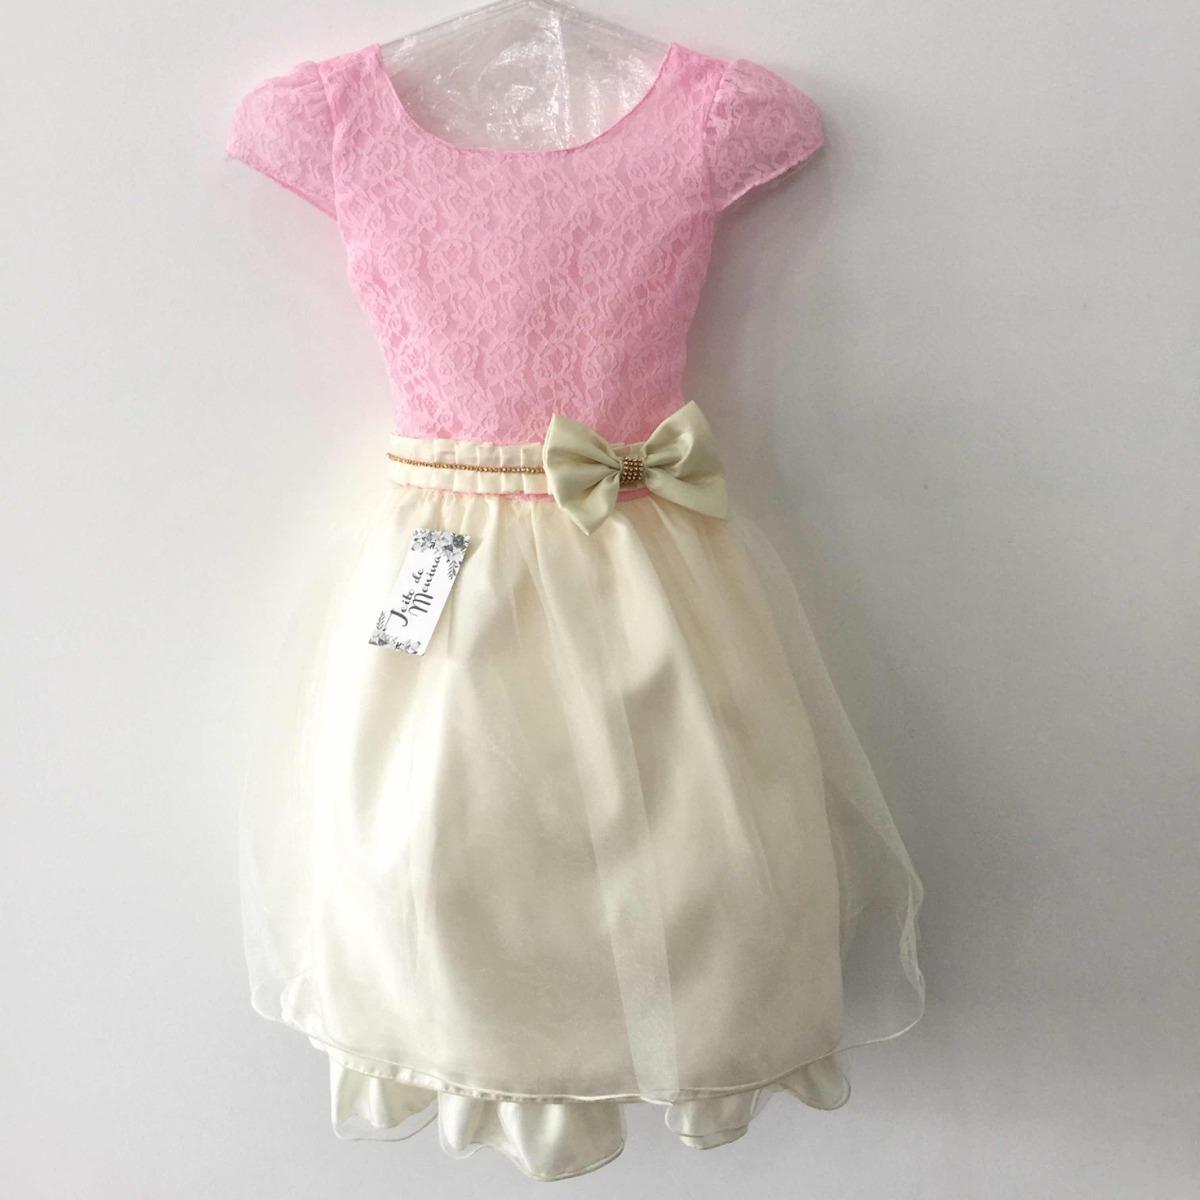 53827c883651 Vestido Infantil Tamanho 10 - R$ 140,00 em Mercado Livre